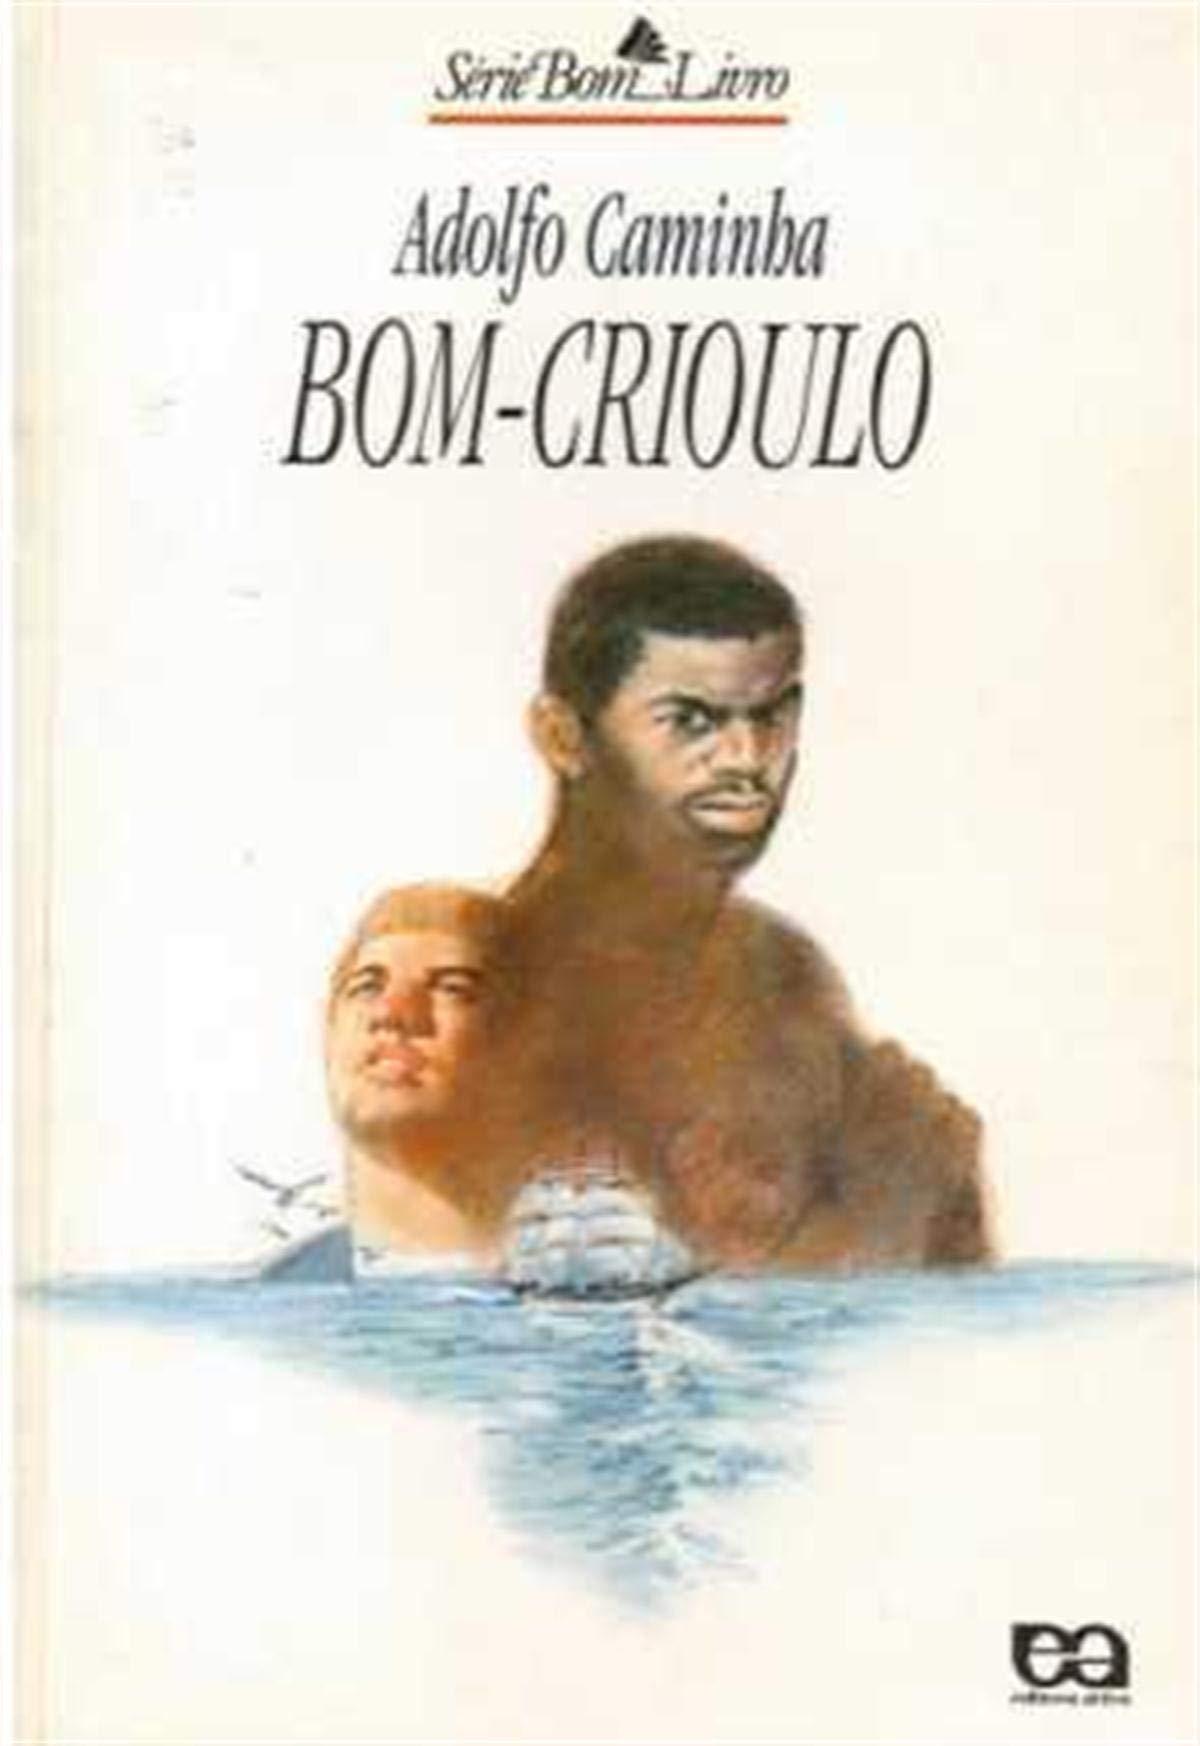 Bom-Crioulo | Amazon.com.br